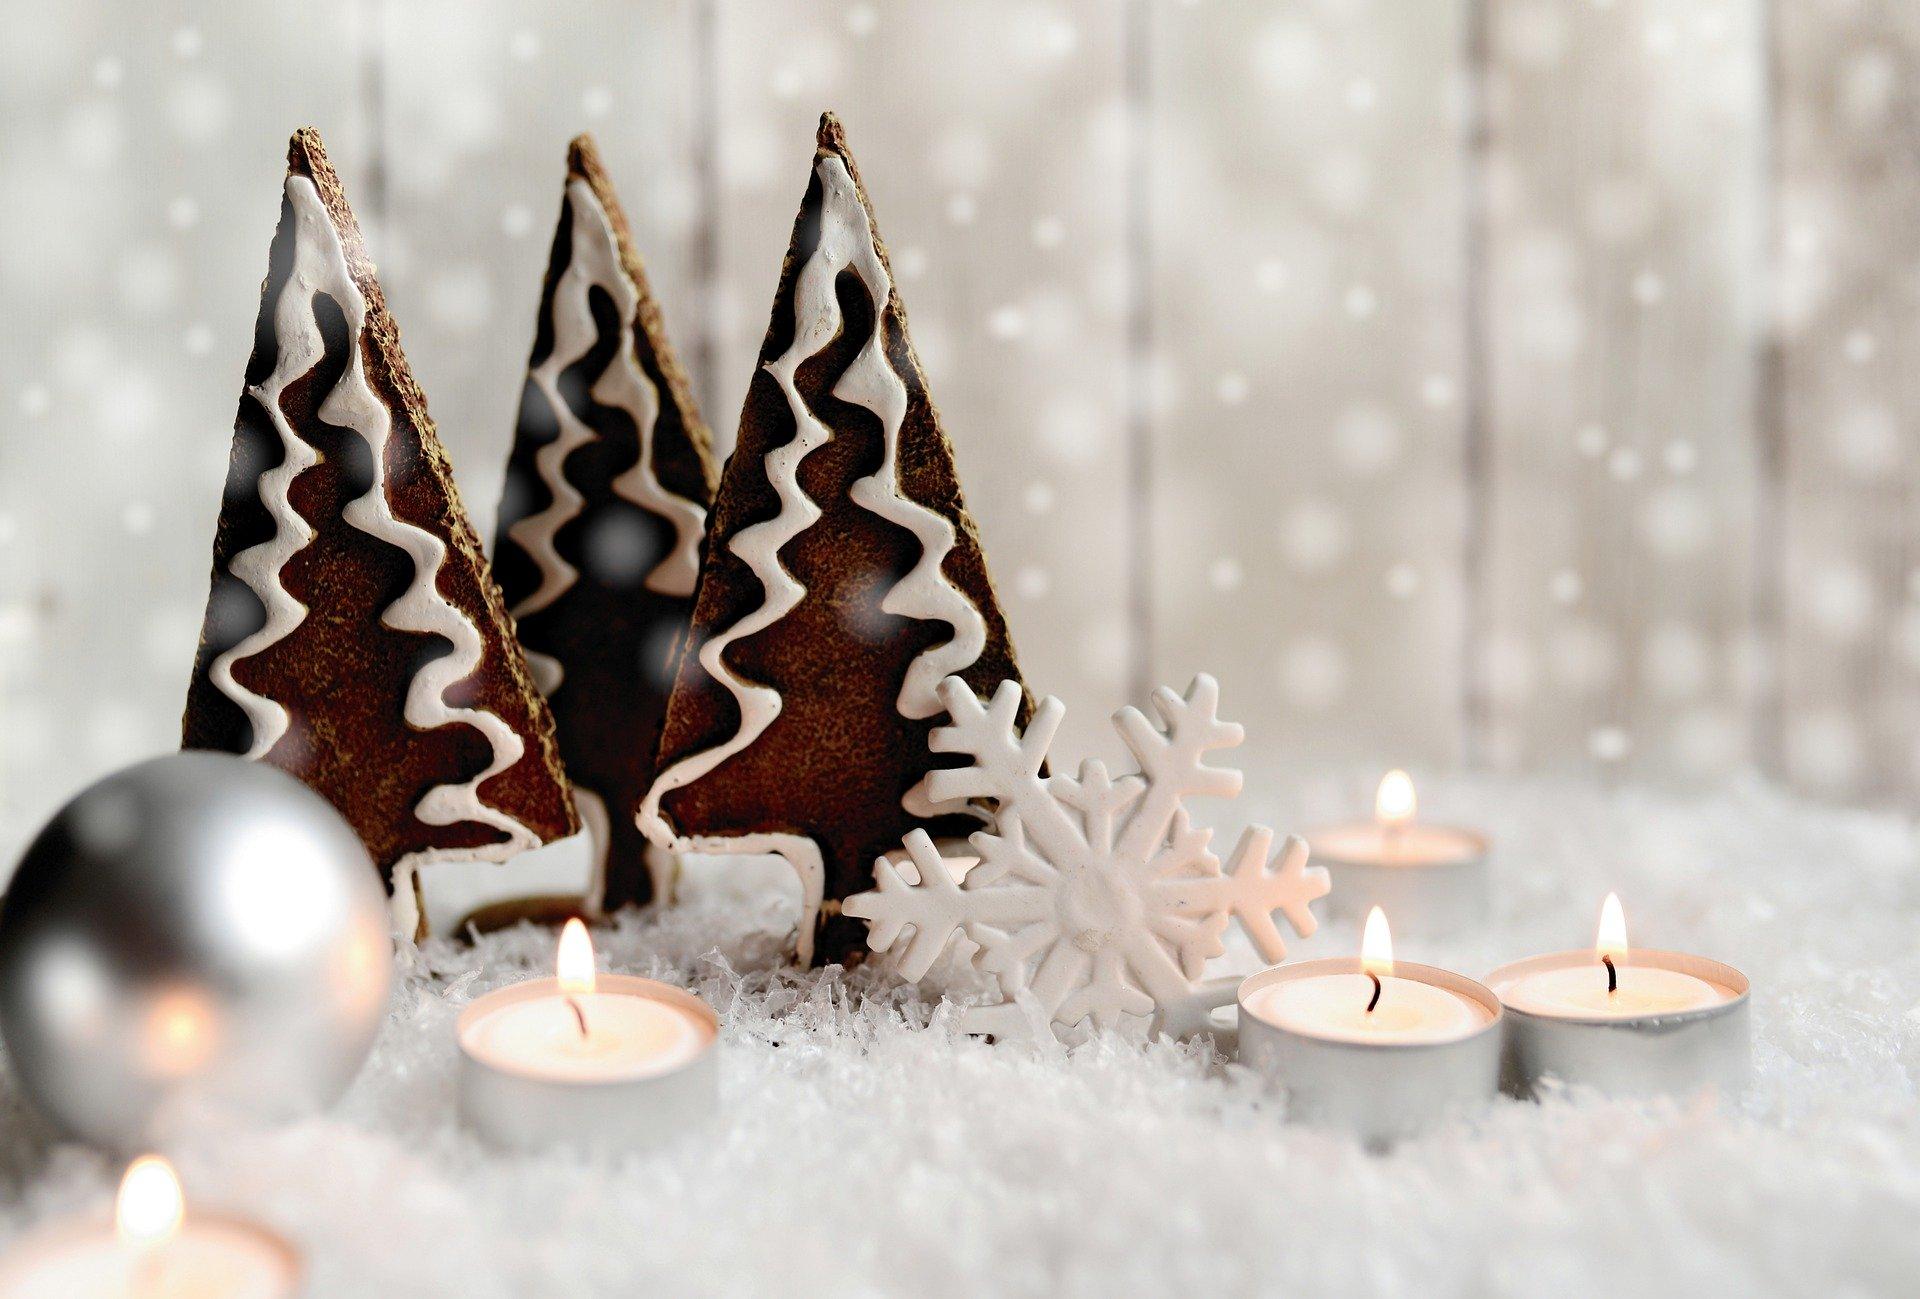 12/6/20- Pennsylvania Christmas & Gift Show